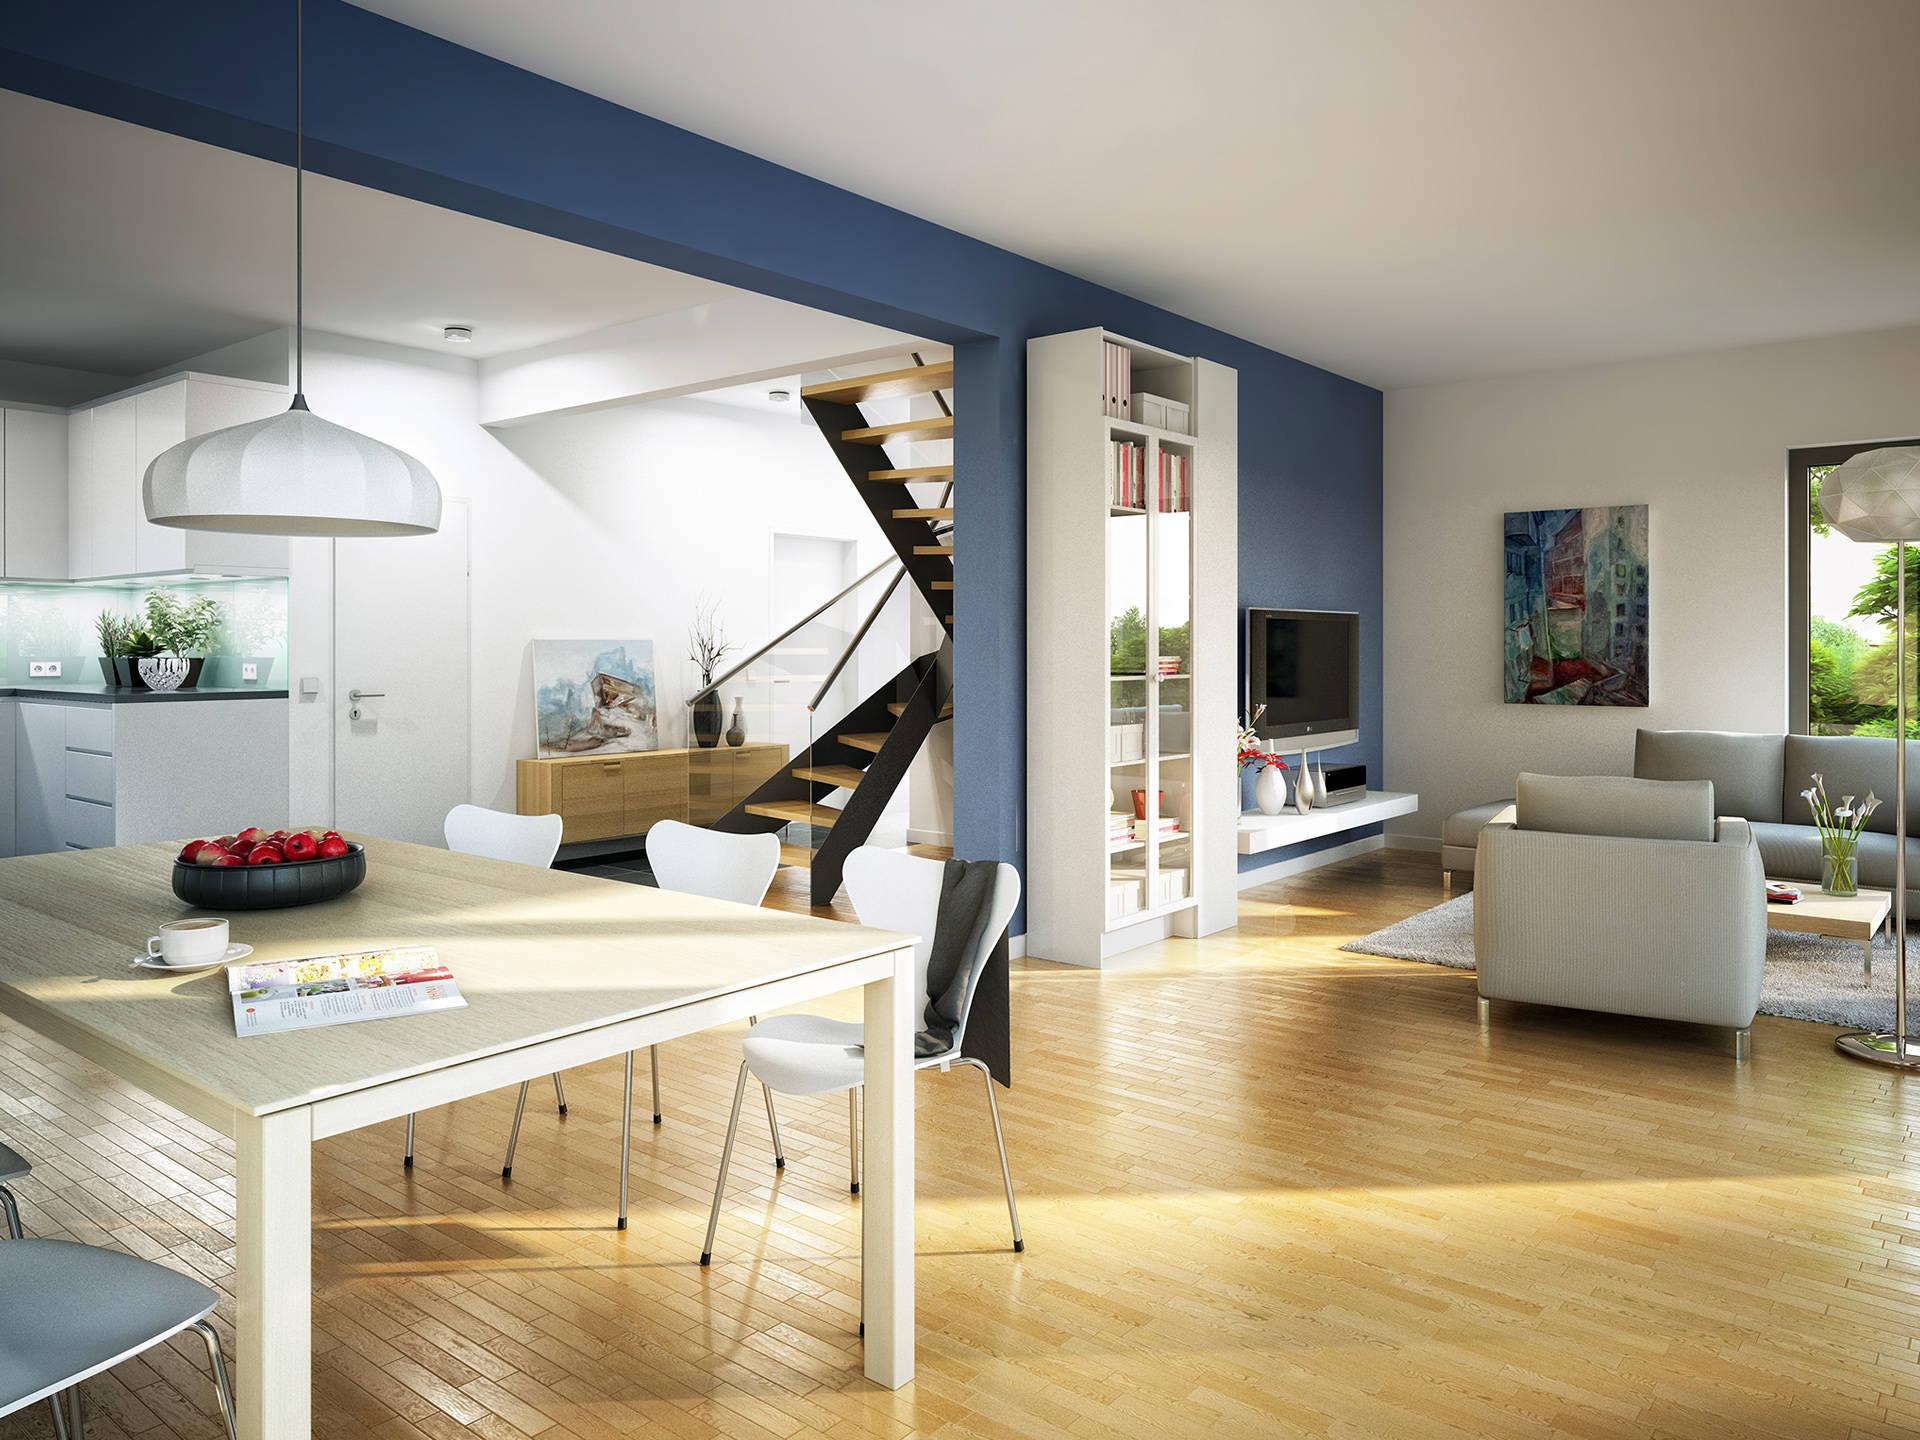 Deckenbeleuchtung Wohnzimmer Wohnzimmer Deckenlampe Led